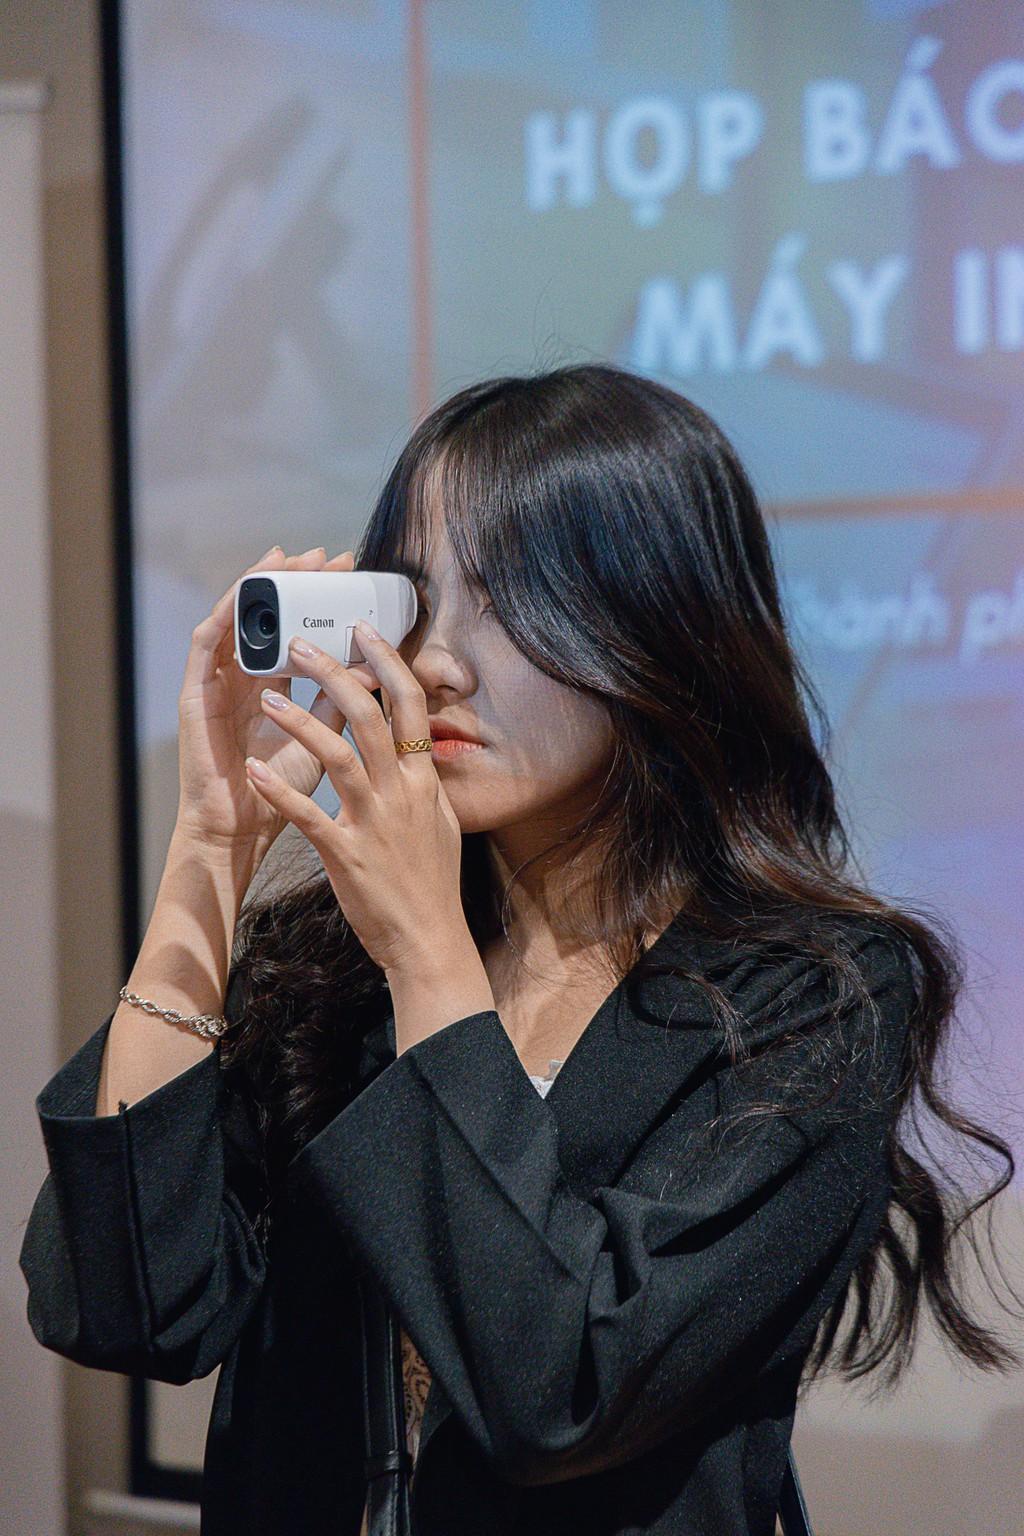 Canon ra mắt loạt máy in mới dòng G Series cho văn phòng và máy in ảnh chuyên nghiệp in đến khổ A3+ ảnh 13